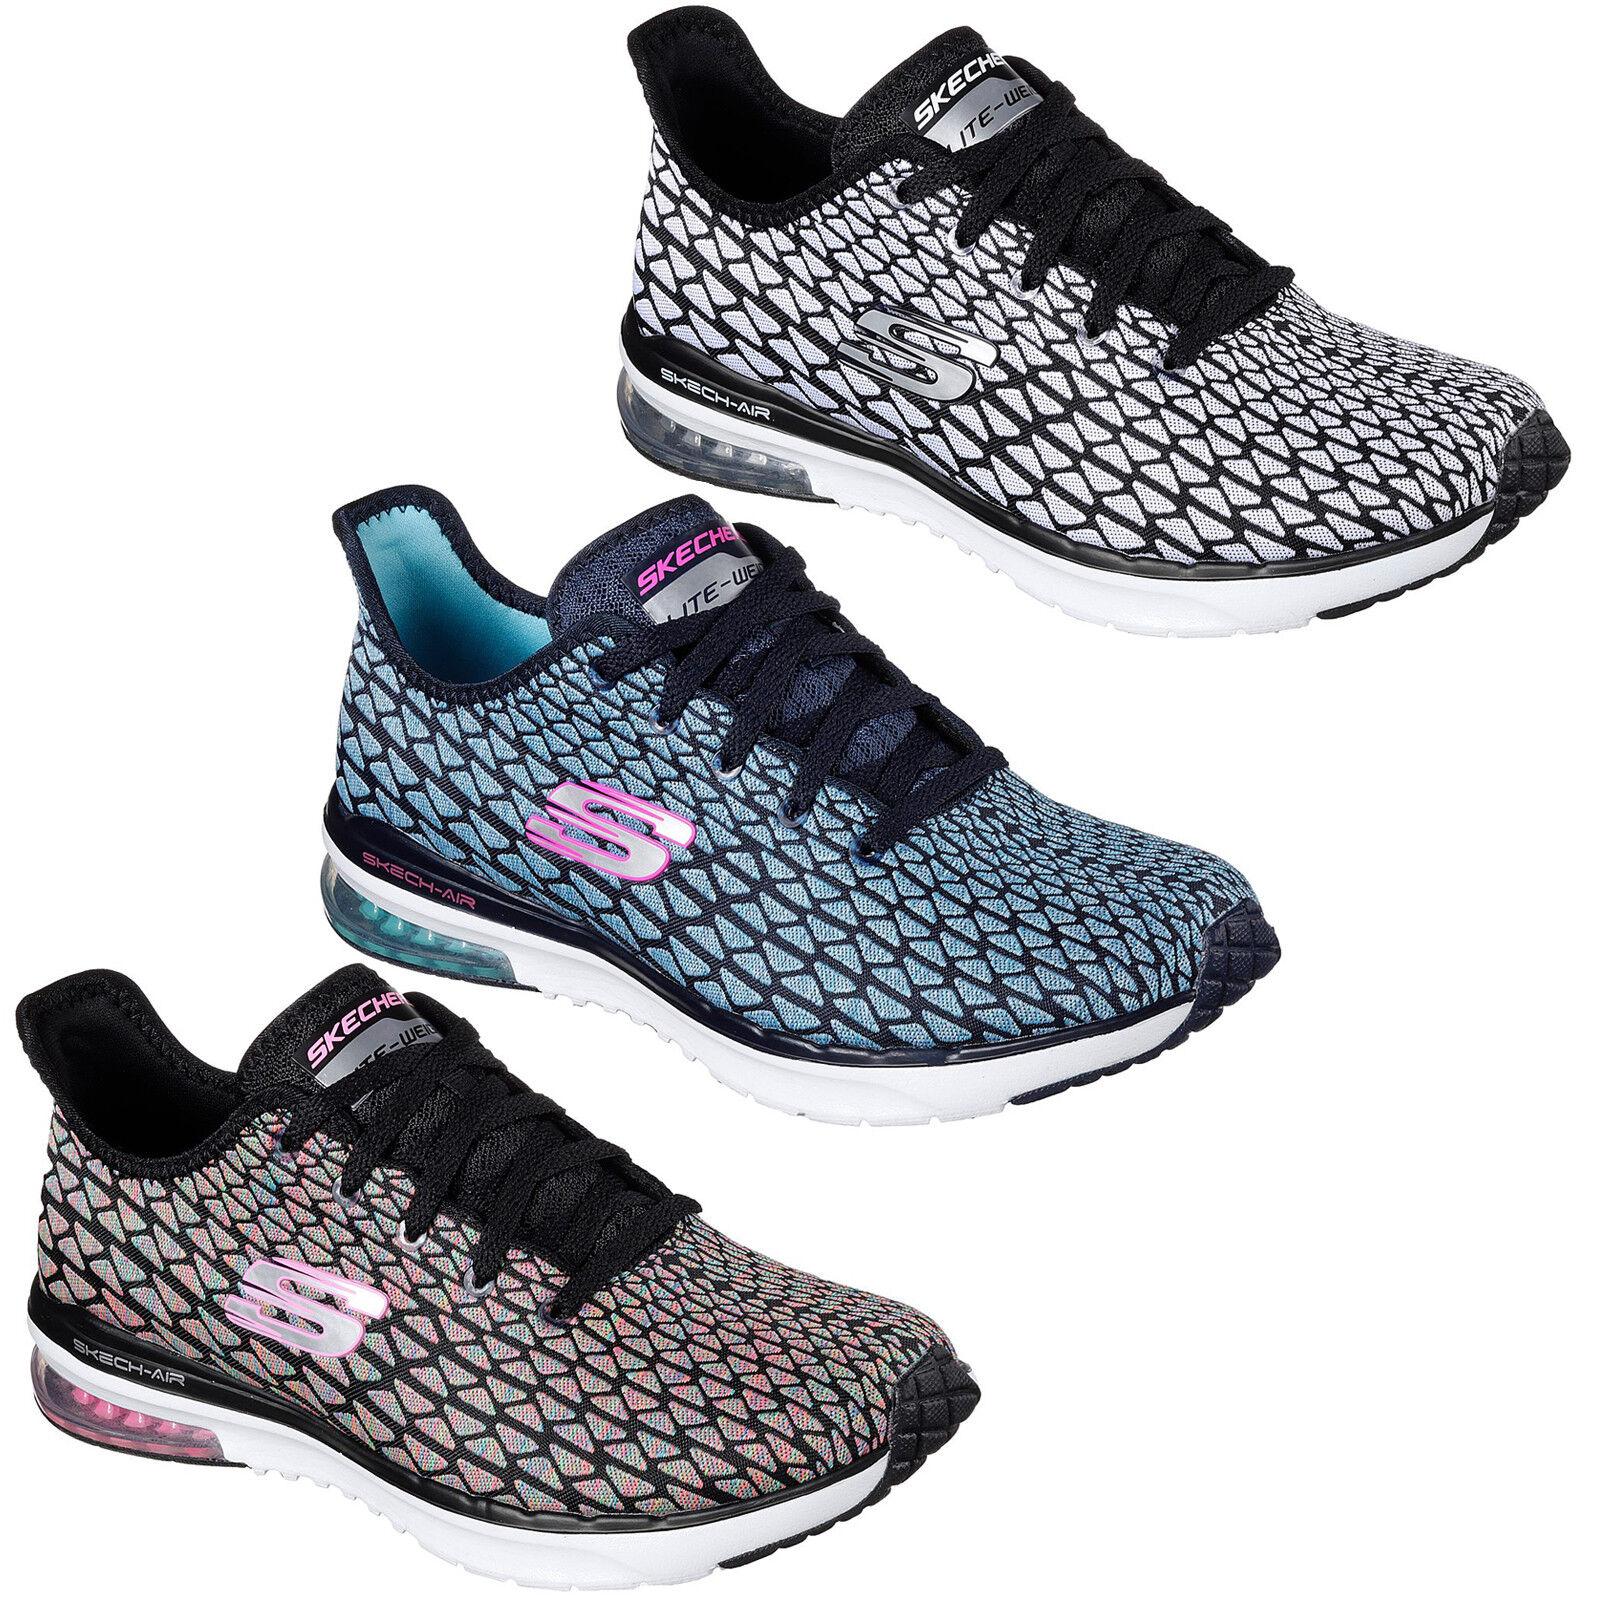 Skechers Skech-Air Infinity Free Fallin Baskets pour femme en mousse à mémoire de chaussures de sport